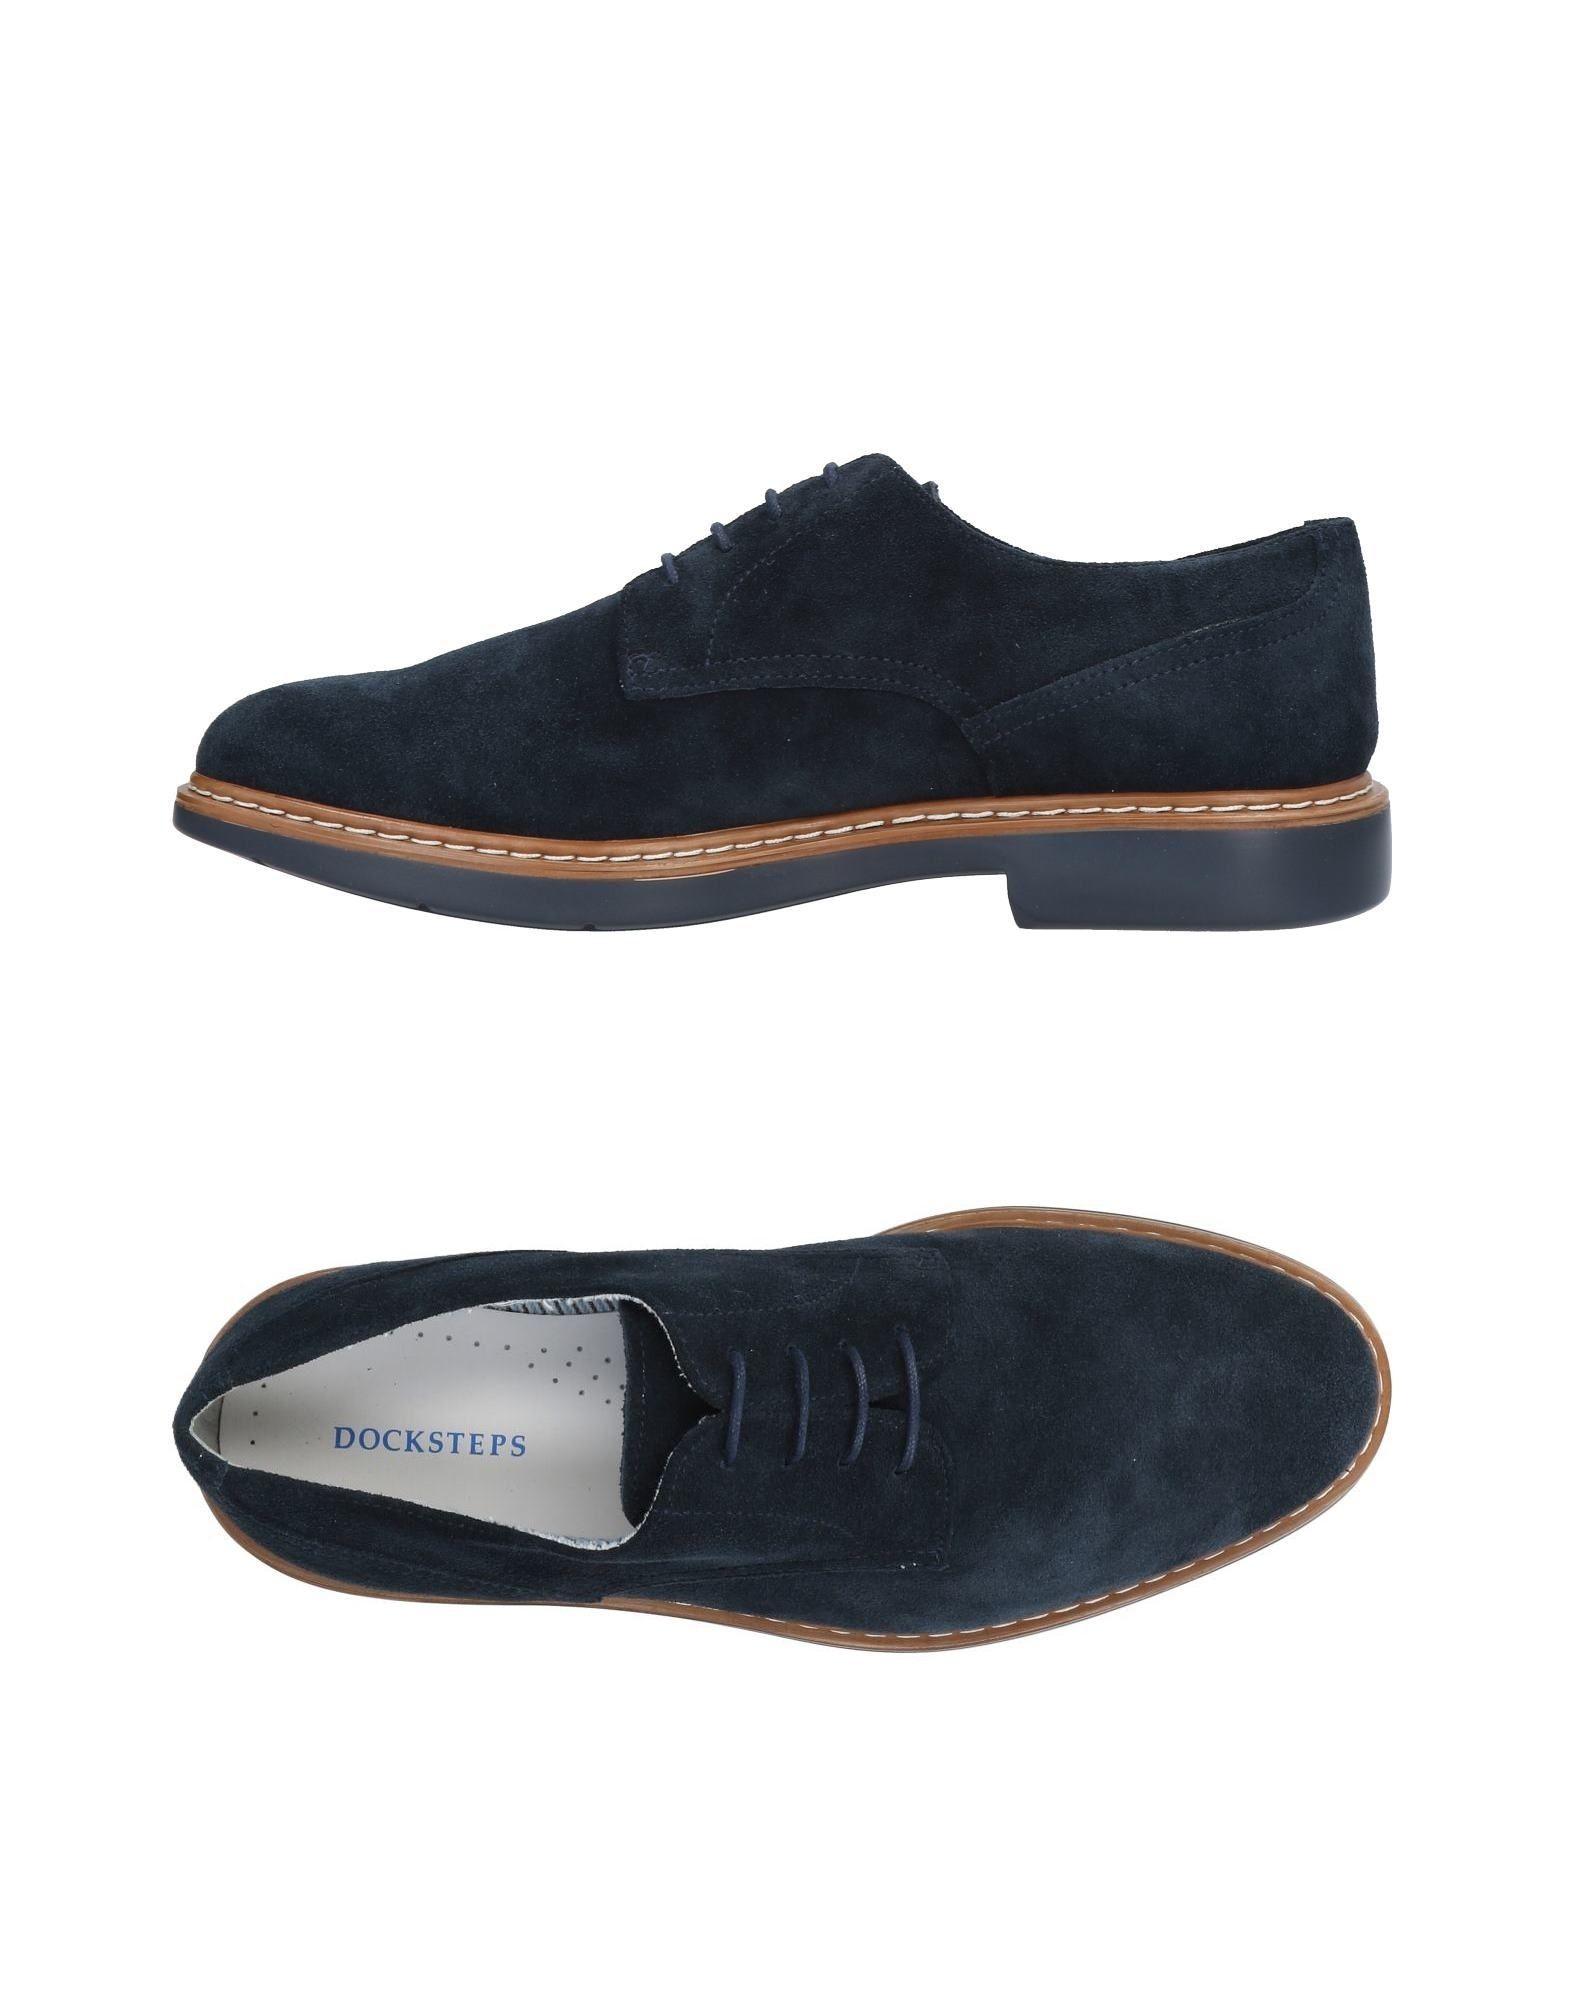 Recortes de precios estacionales, beneficios de descuento De  Zapato De descuento Cordones Docksteps Hombre - Zapatos De Cordones Docksteps 5f48f6